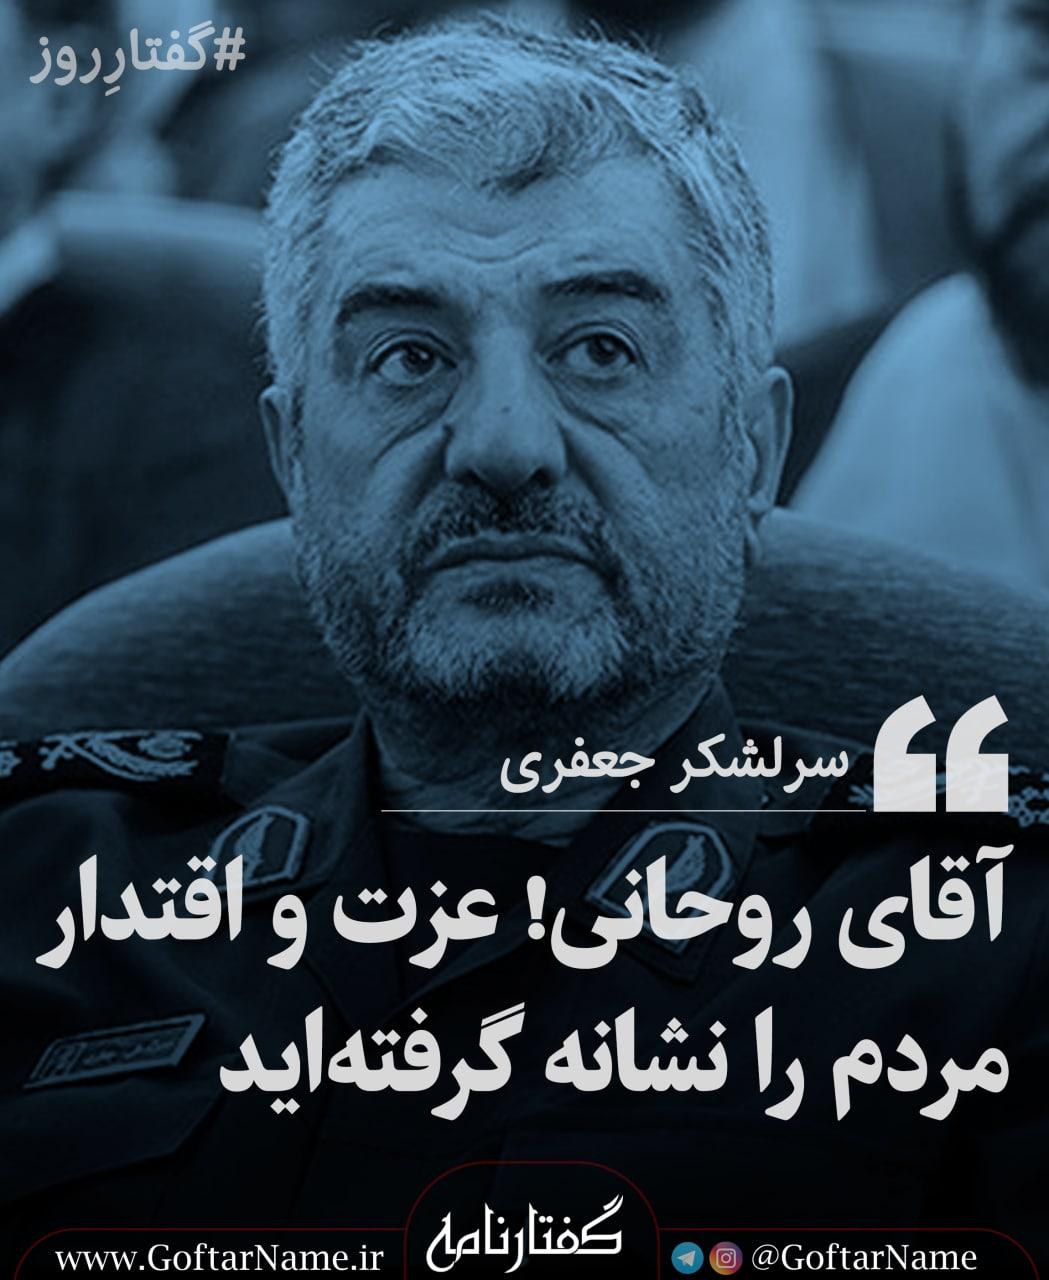 سرلشکر جعفری: آقای روحانی! عزت و اقتدار مردم را نشانه گرفتهاید